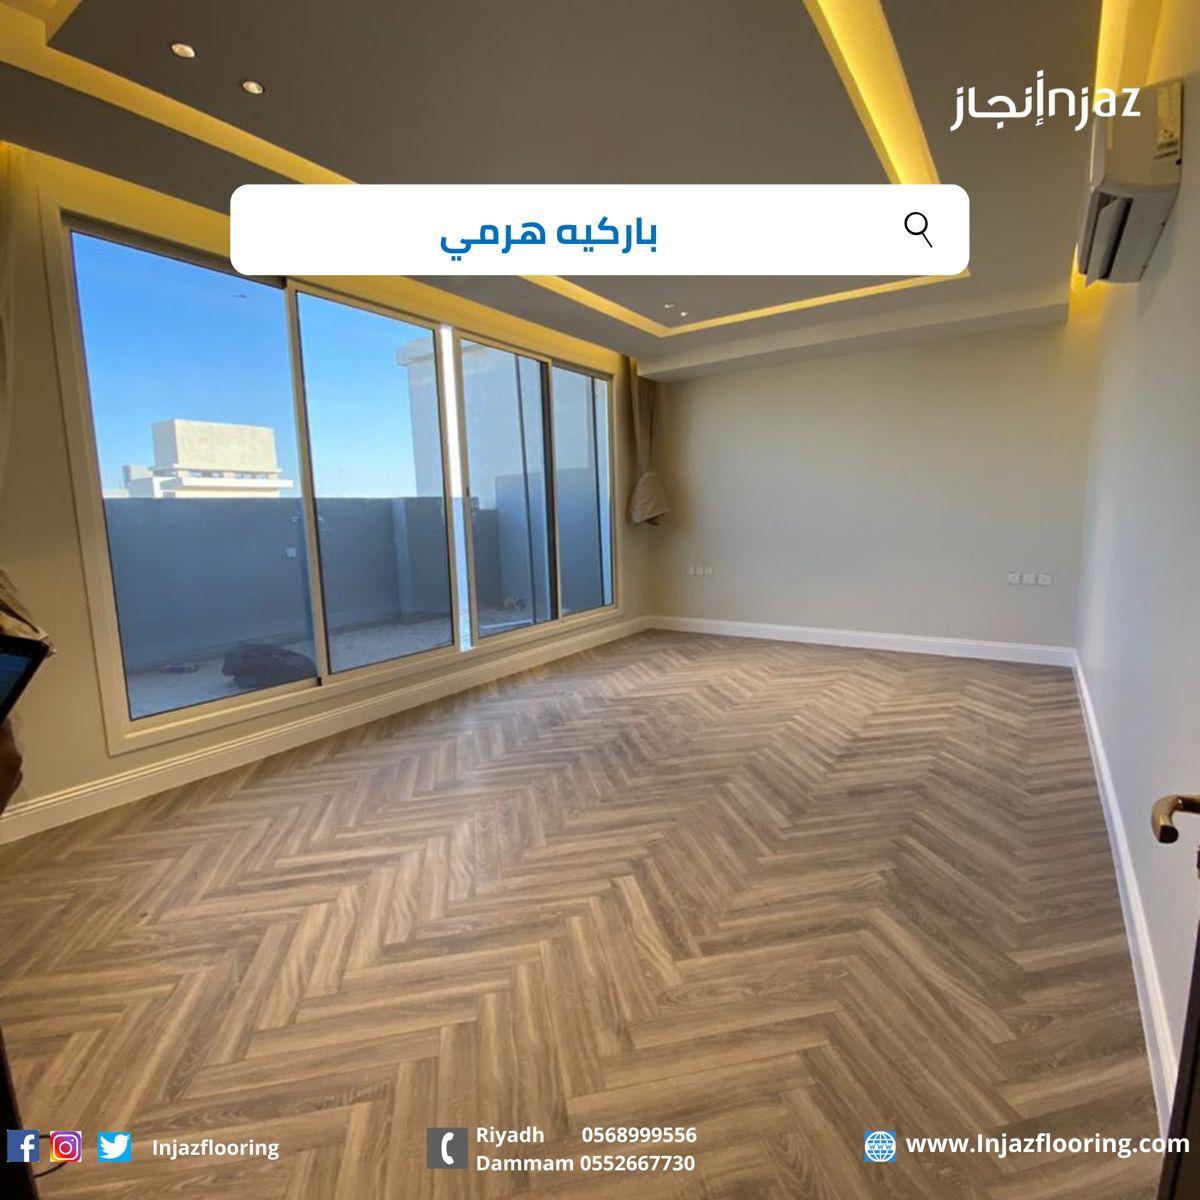 باركيه صيني Wood Laminate Flooring Flooring Wood Laminate